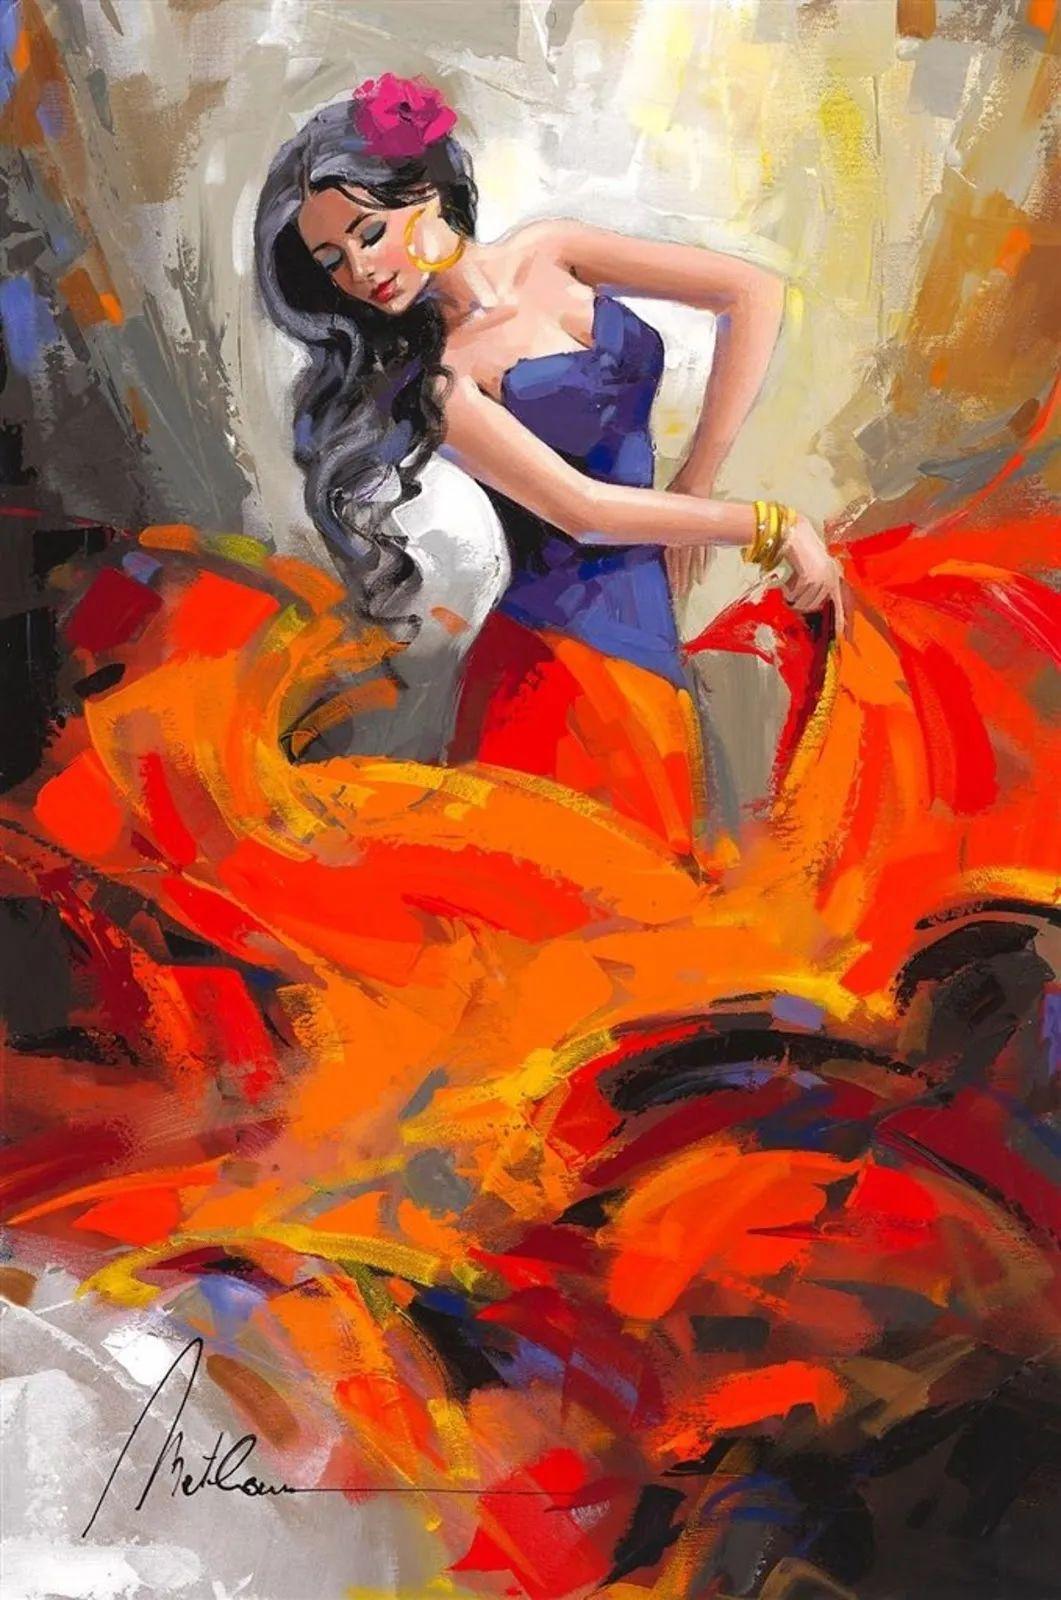 捕捉舞者的瞬间,色彩丰富表现力强!乌克兰画家阿纳托利·梅特兰插图37